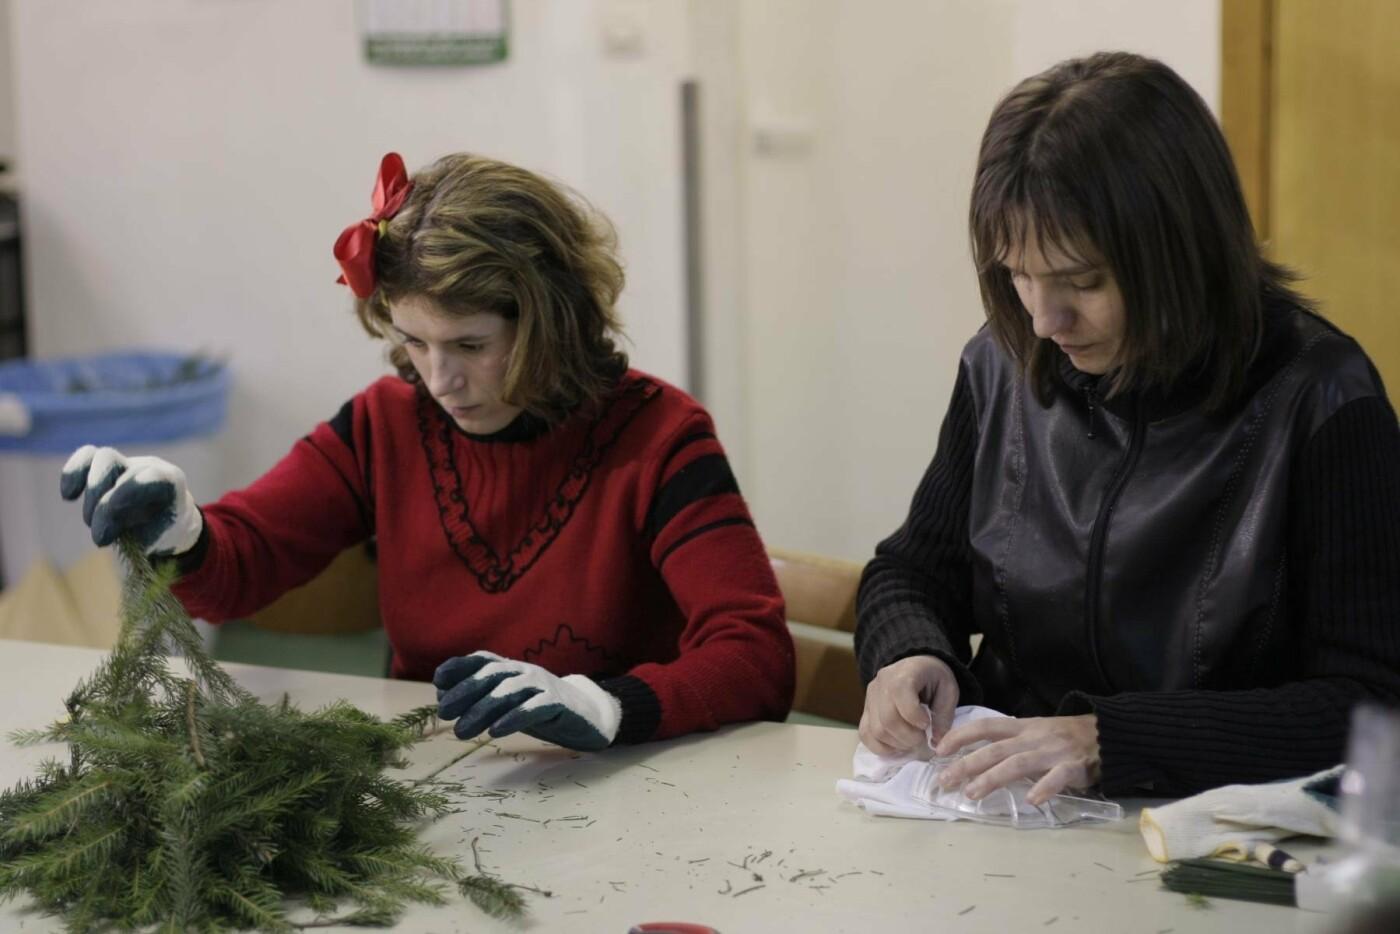 Подопечные Интеграционных мастерских готовы поставлять свою продукцию в соцучреждения Псковской области, фото-2